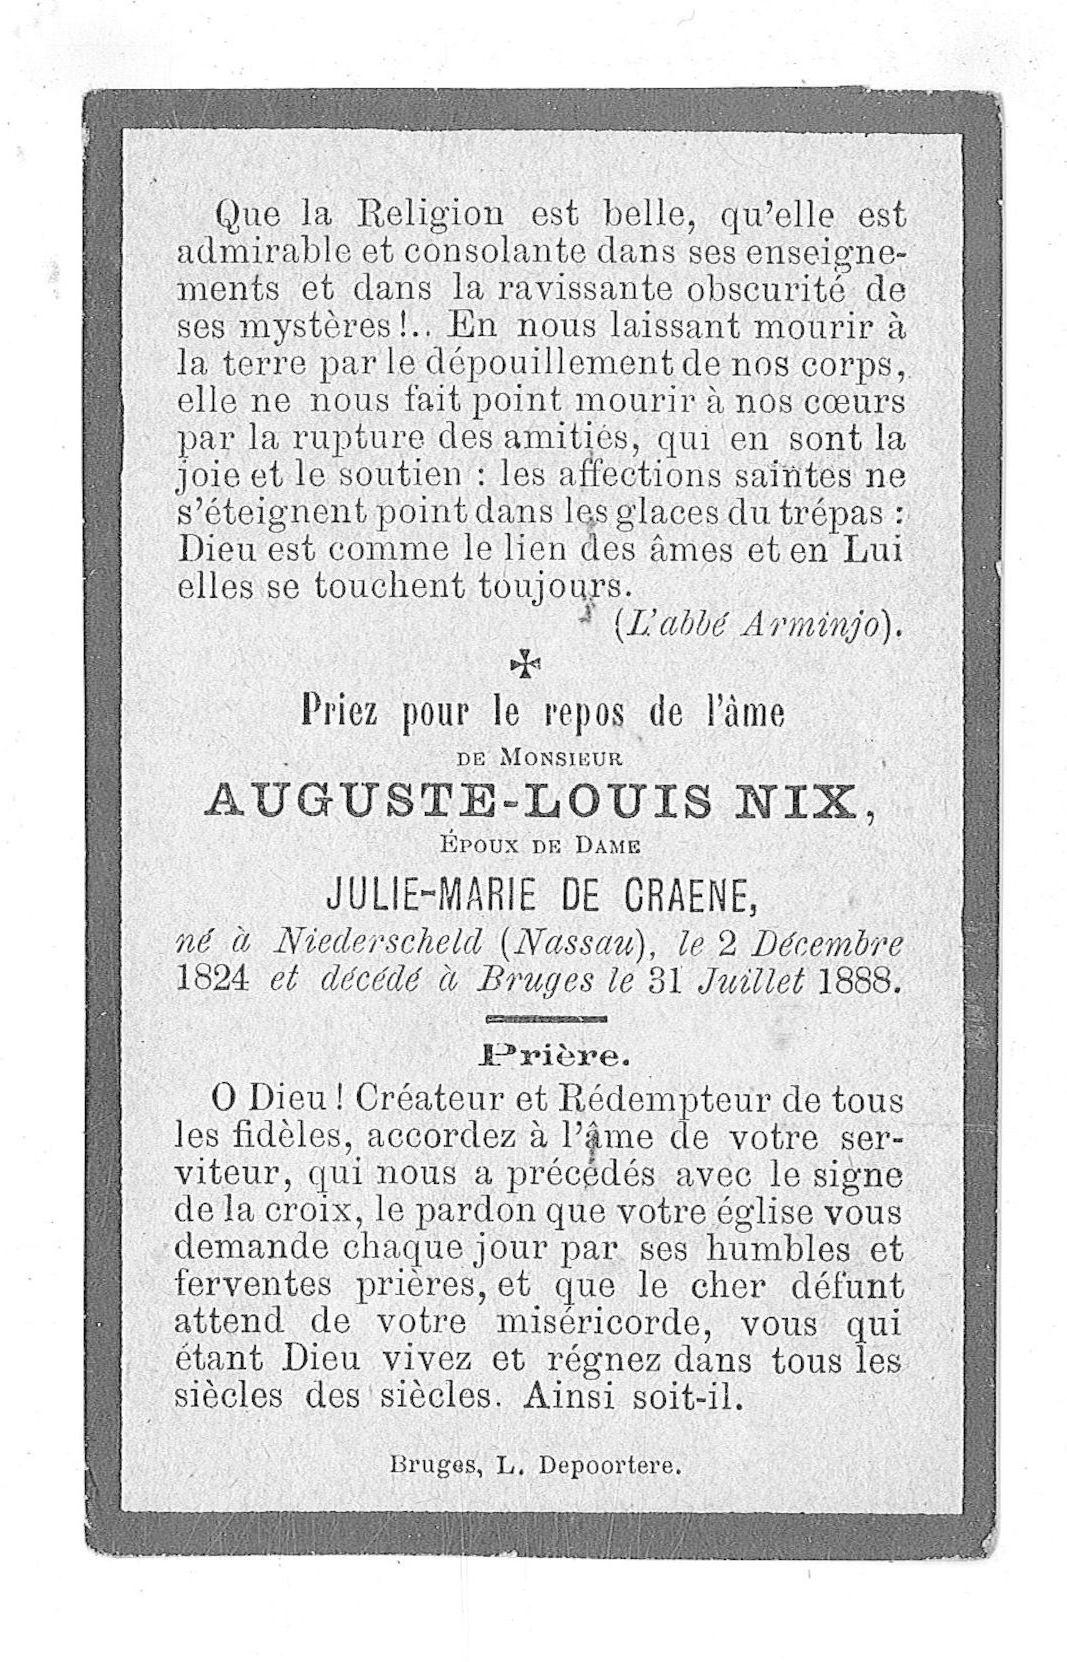 Auguste-Louis Nix